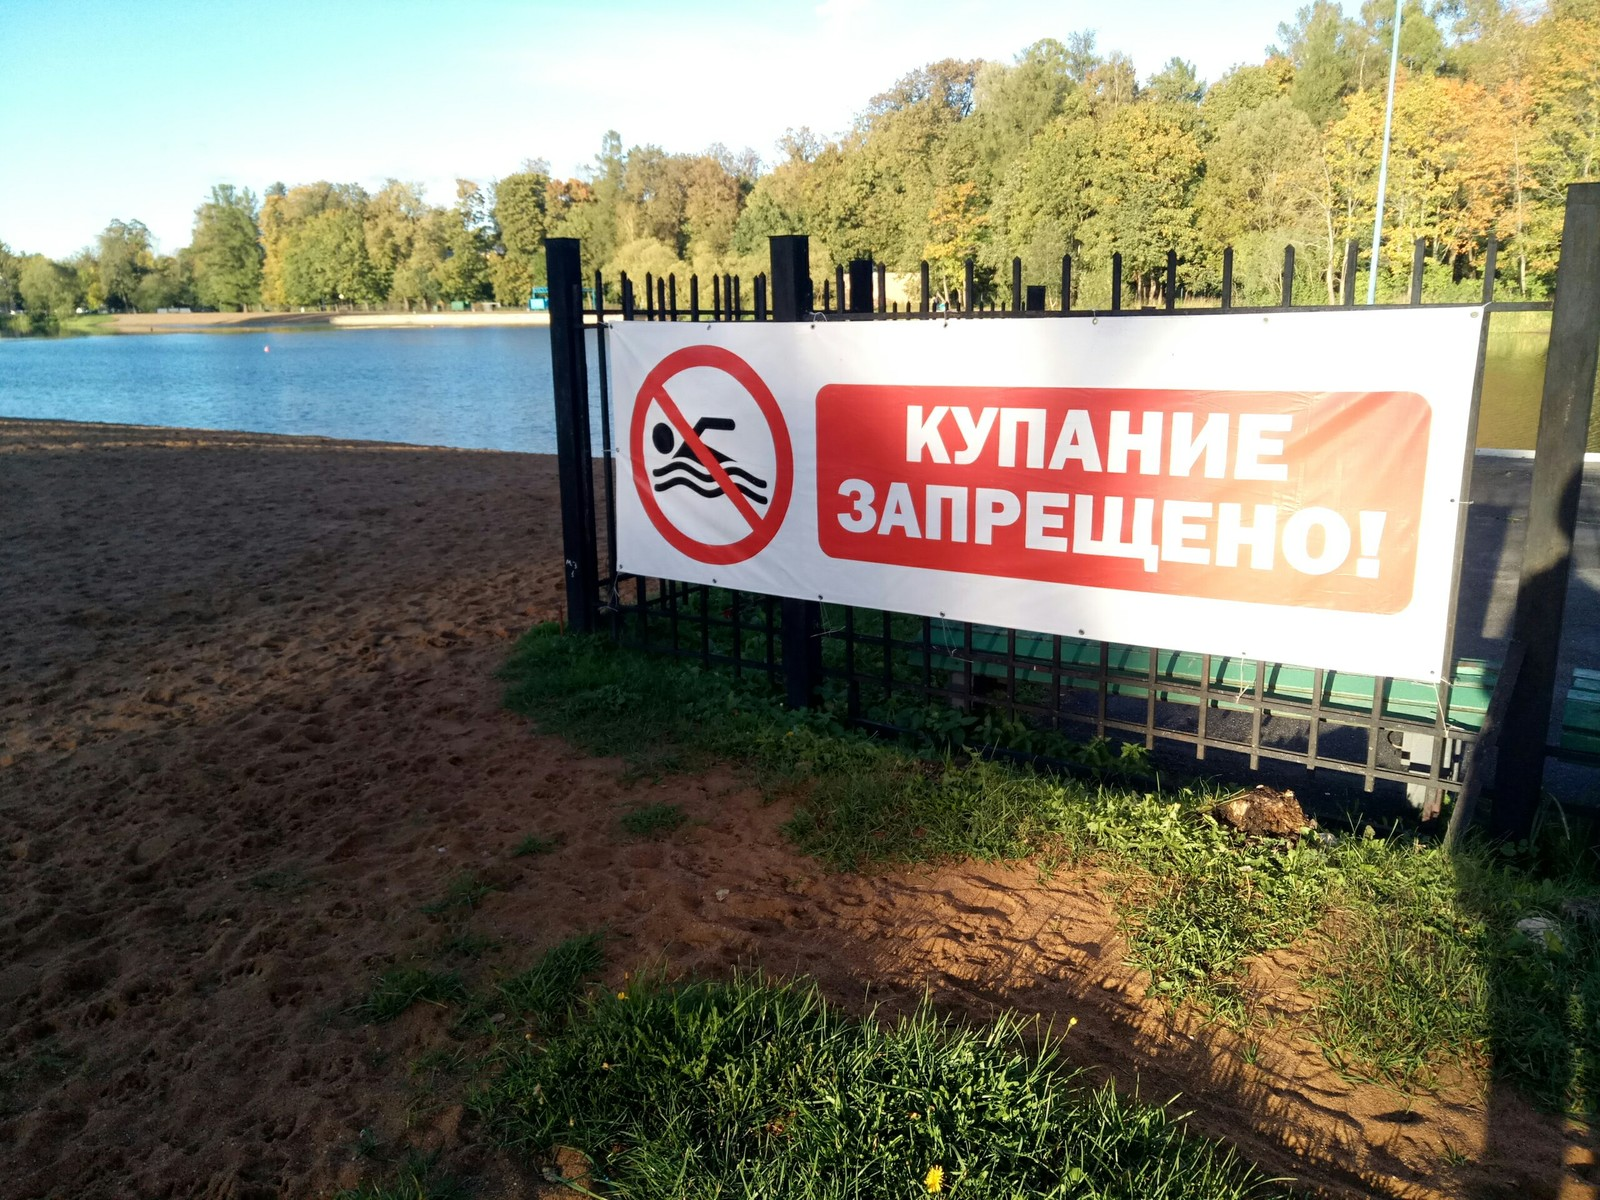 Алматинцев штрафуют за купание в запрещенных местах